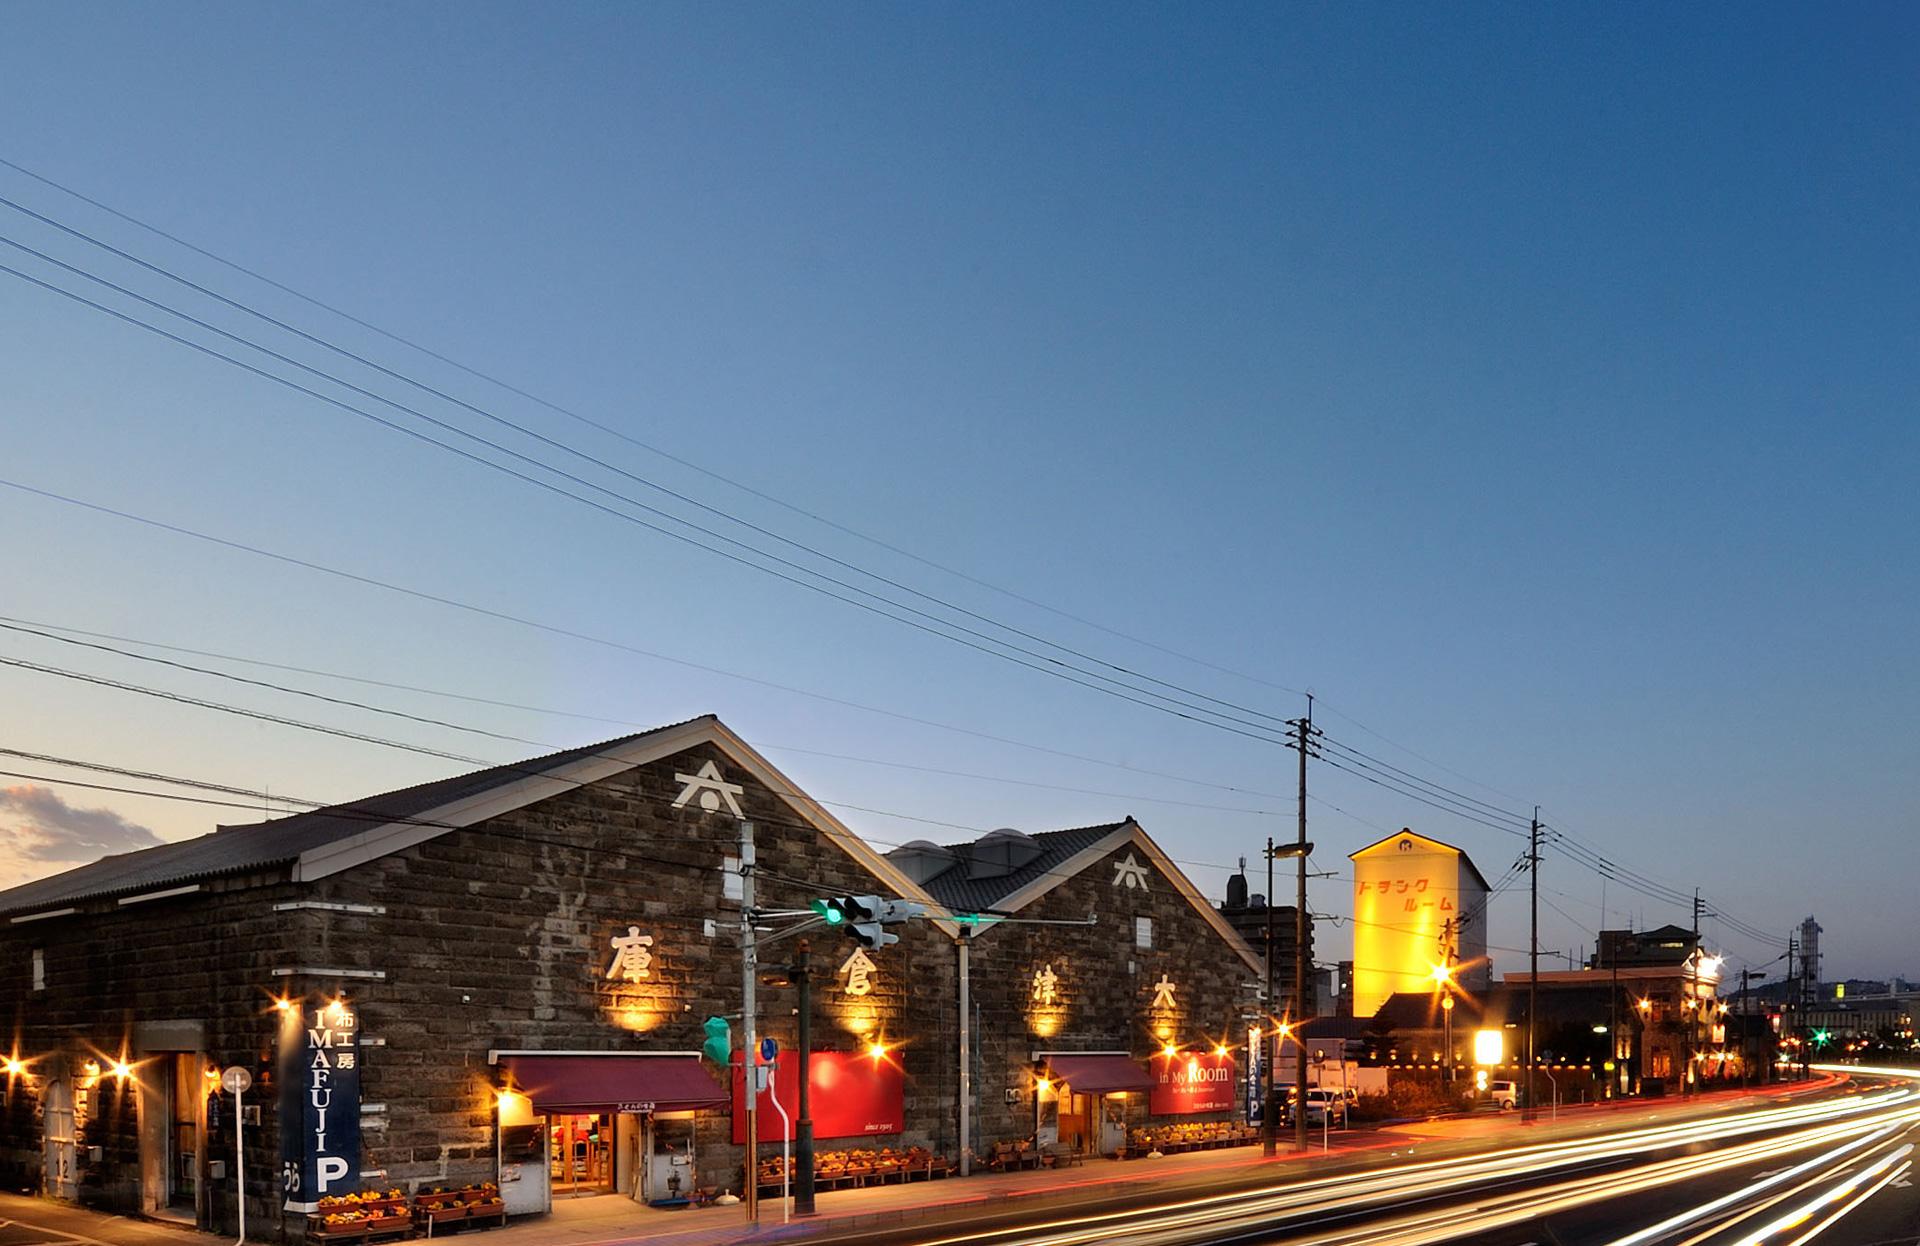 鹿児島店は石倉の素敵なお店ですよね